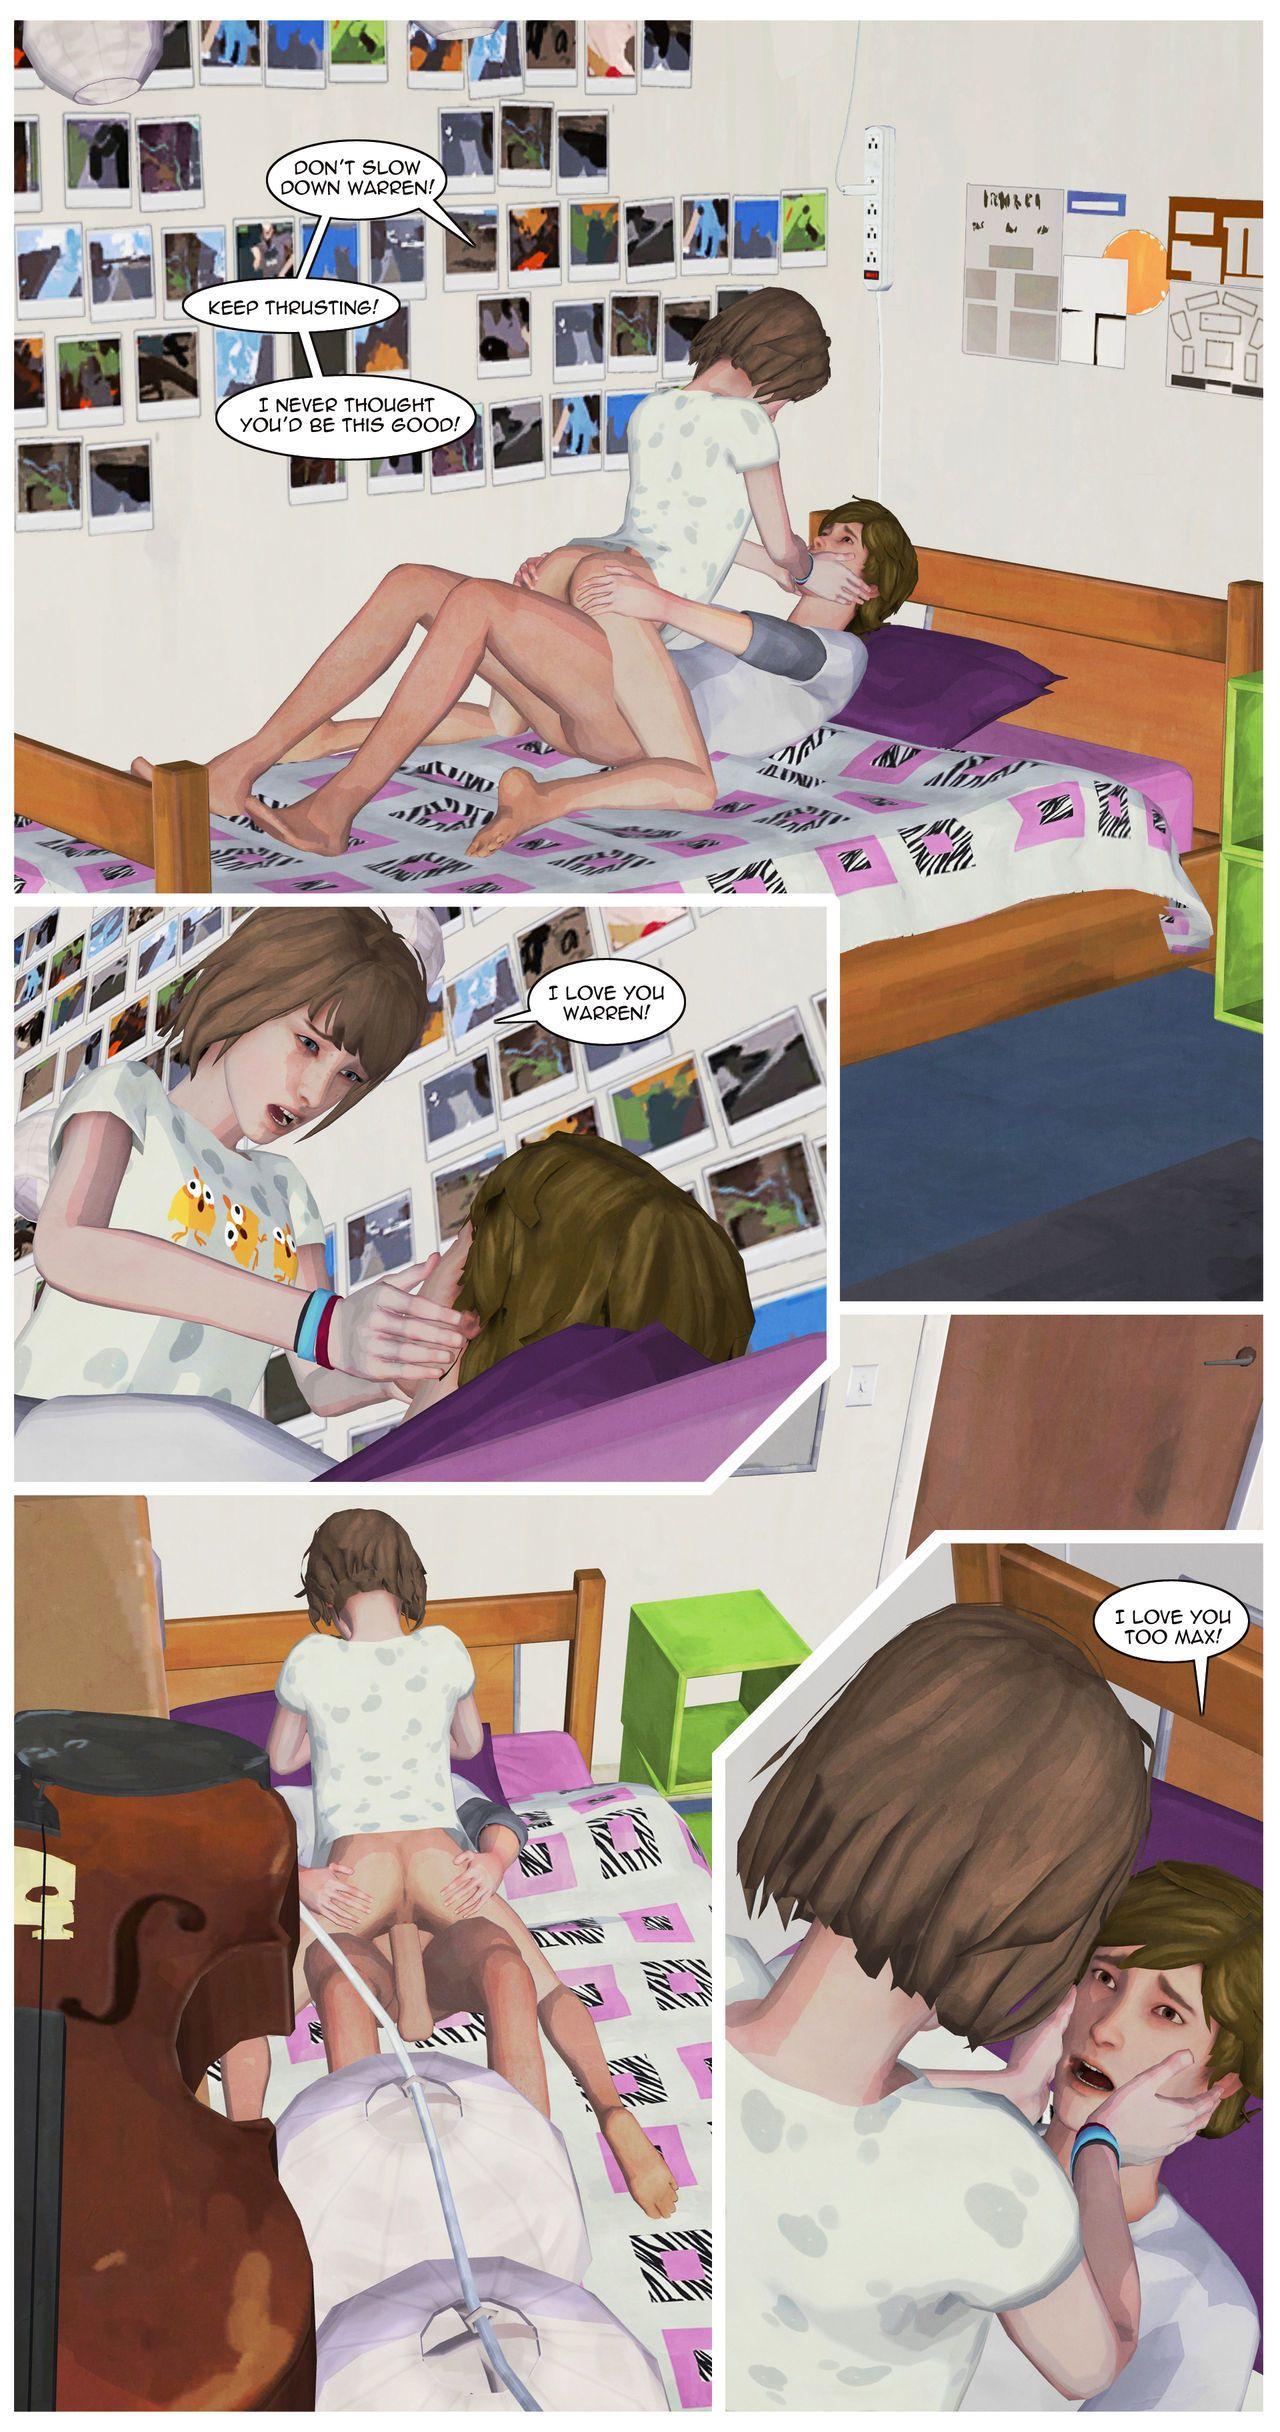 GrahamField Life is Strange comic by DV89